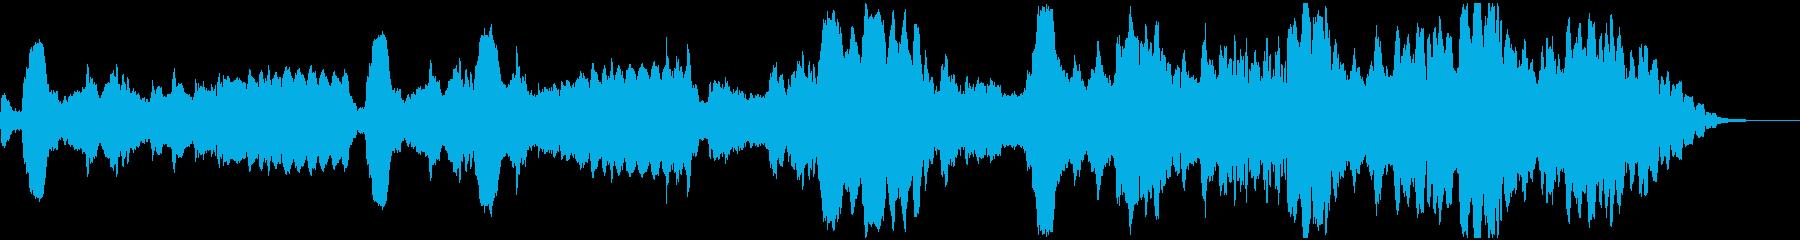 フルートによる敗戦用BGMの再生済みの波形